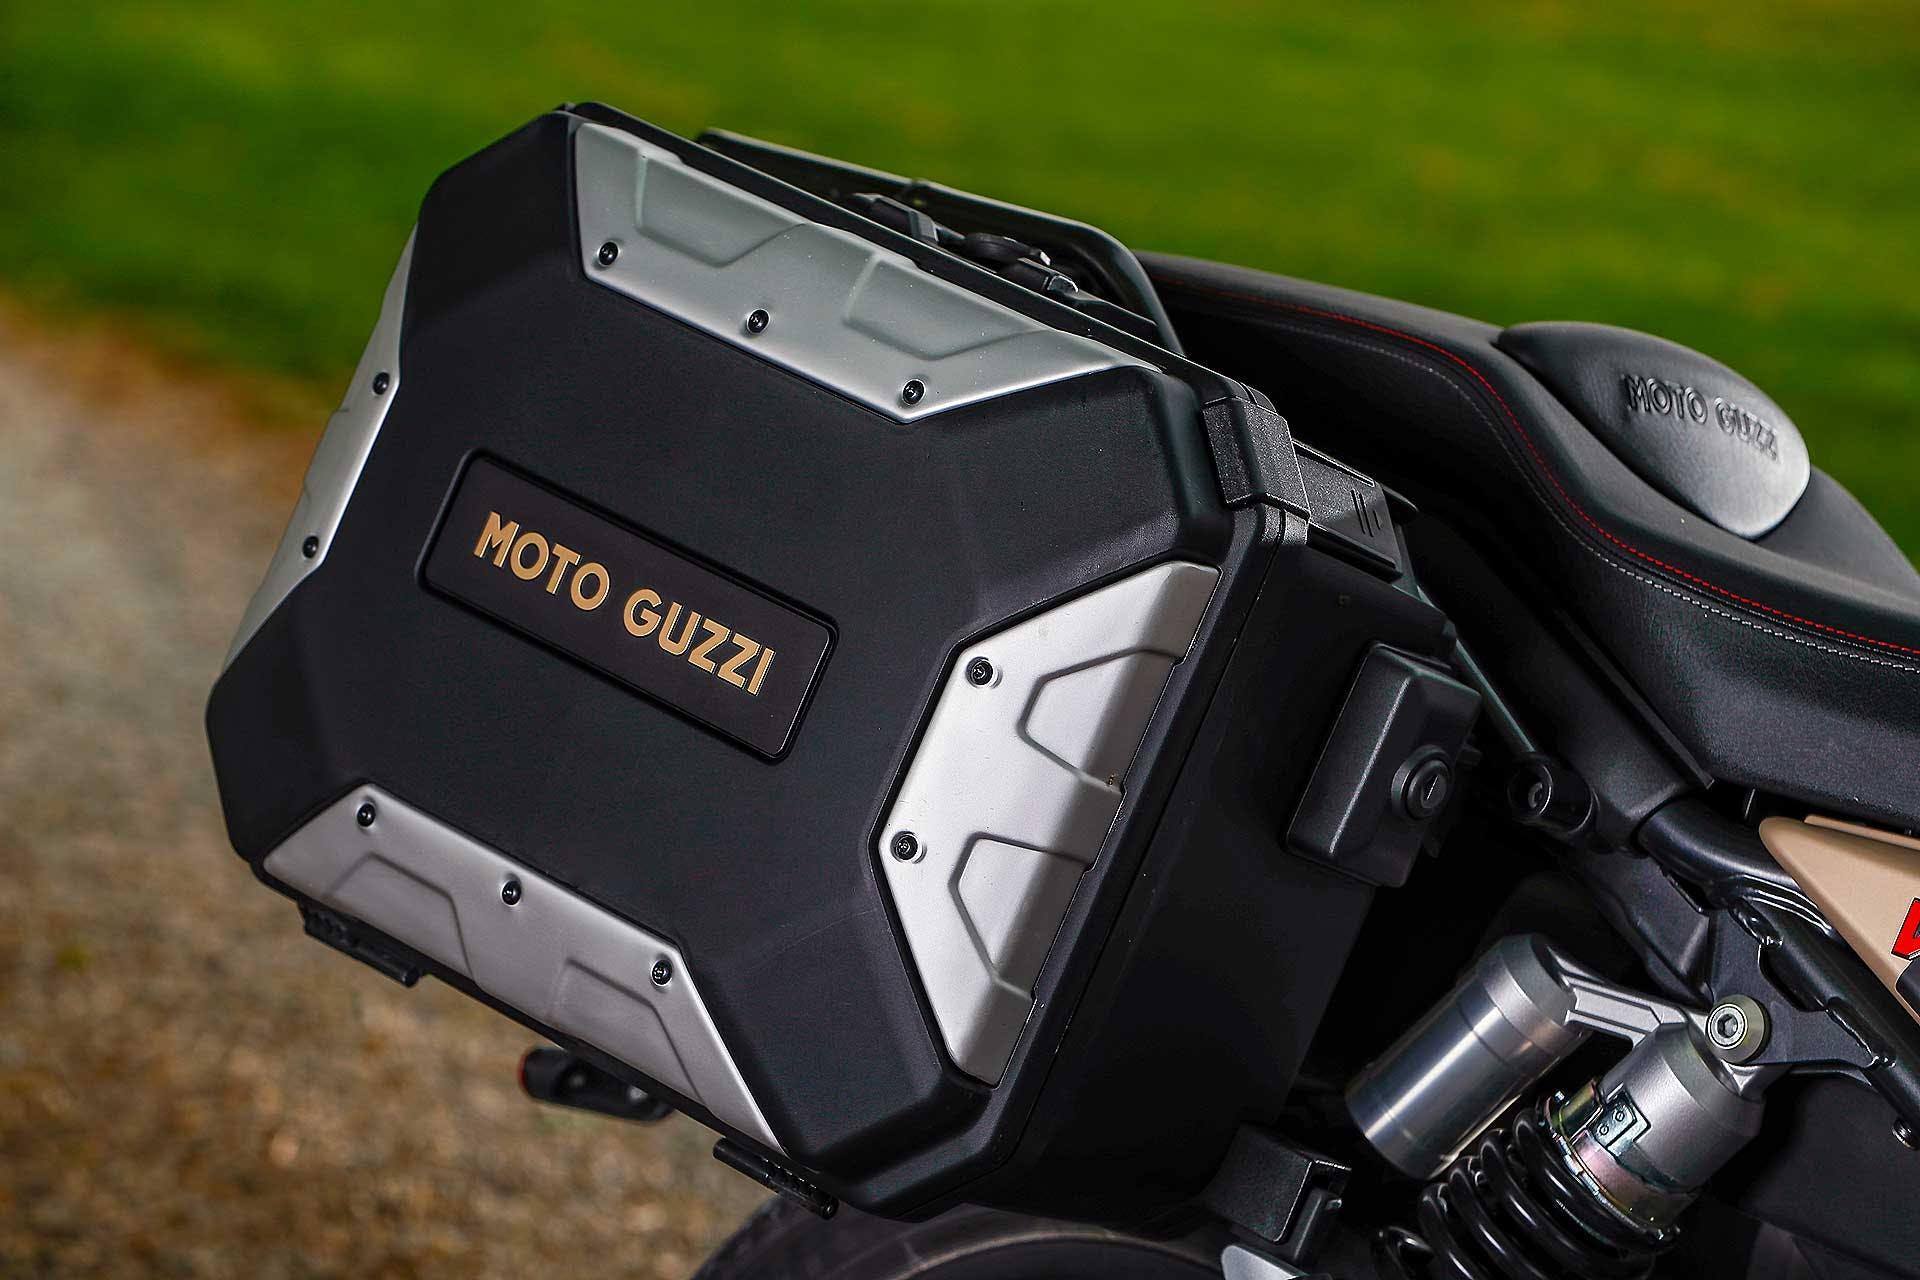 Moto Guzzi V85 TT Travel borse laterali